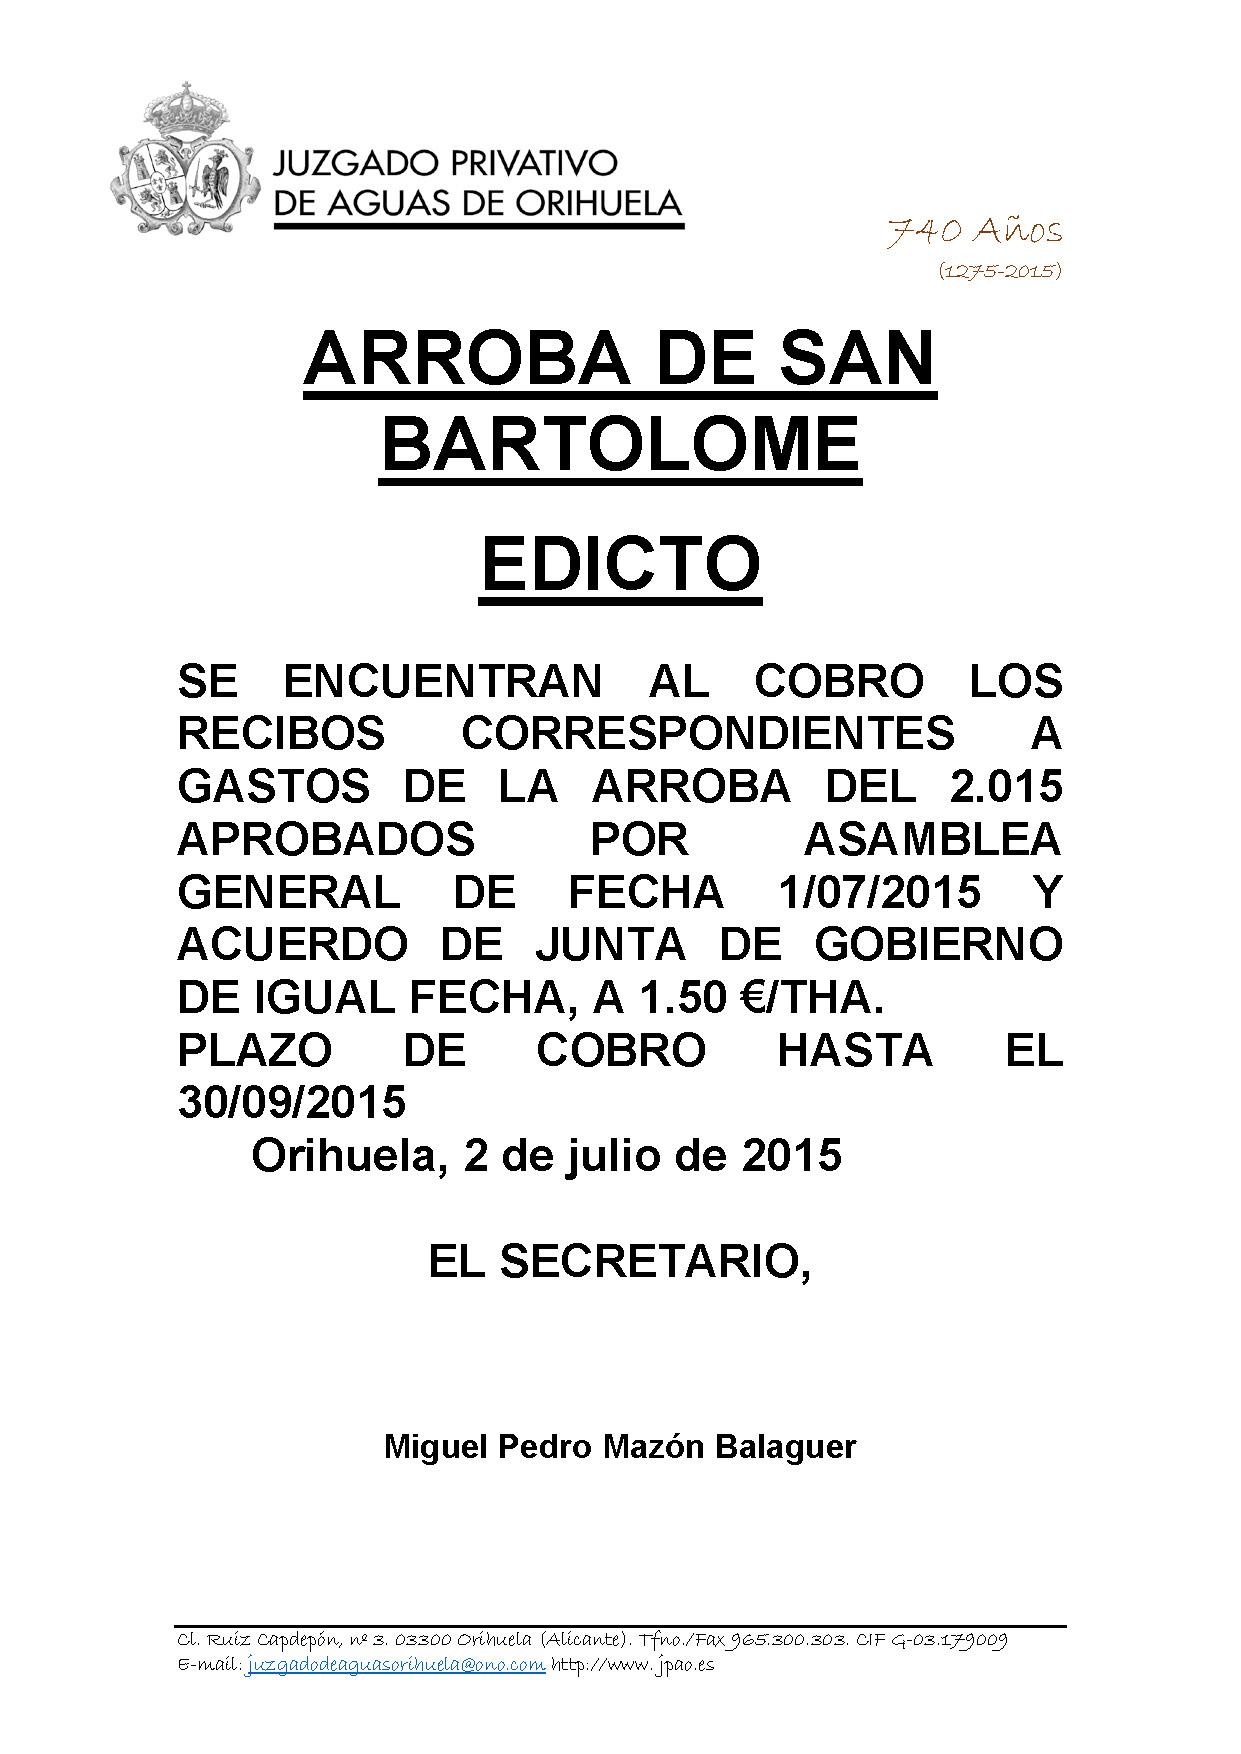 88 2015 arroba de san bartolome  EDICTO IMPOSICION DERRAMA